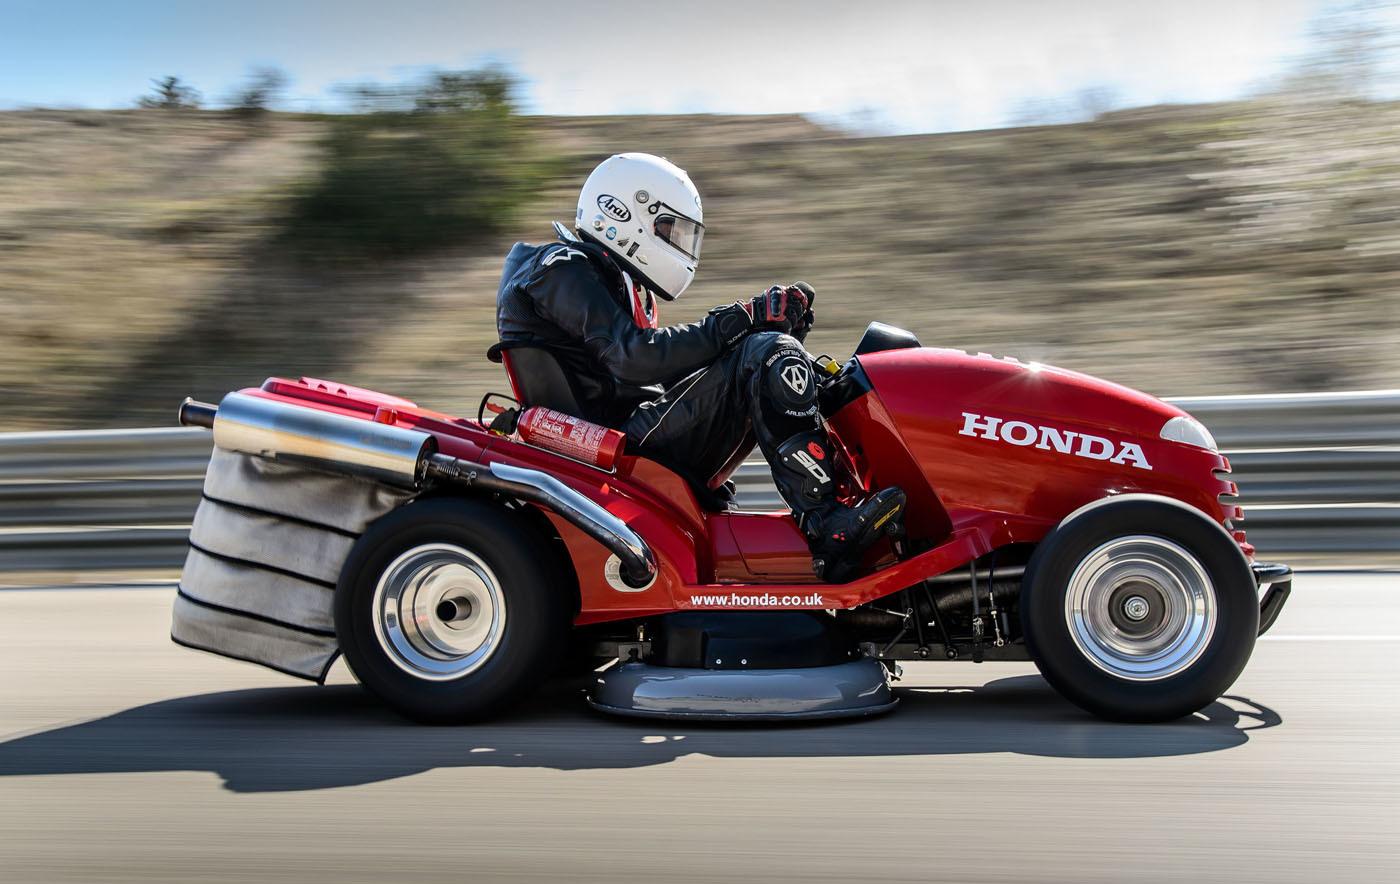 エンジンはホンダ製大型スポーツバイク「VTR1000Fファイアーストーム」の995ccV型2気筒DOHCエンジンに換装。最高出力は元の5倍となる109馬力まで高められた。さらにパドルシフト付き6速トランスミッションや、クロームモリブデン鋼を用いて新たに製作された軽量高剛性フレームなどを採用し、時速0km-100km加速は4秒というモンスター芝刈り機に変貌。こういう才能の無駄遣い、大好きです